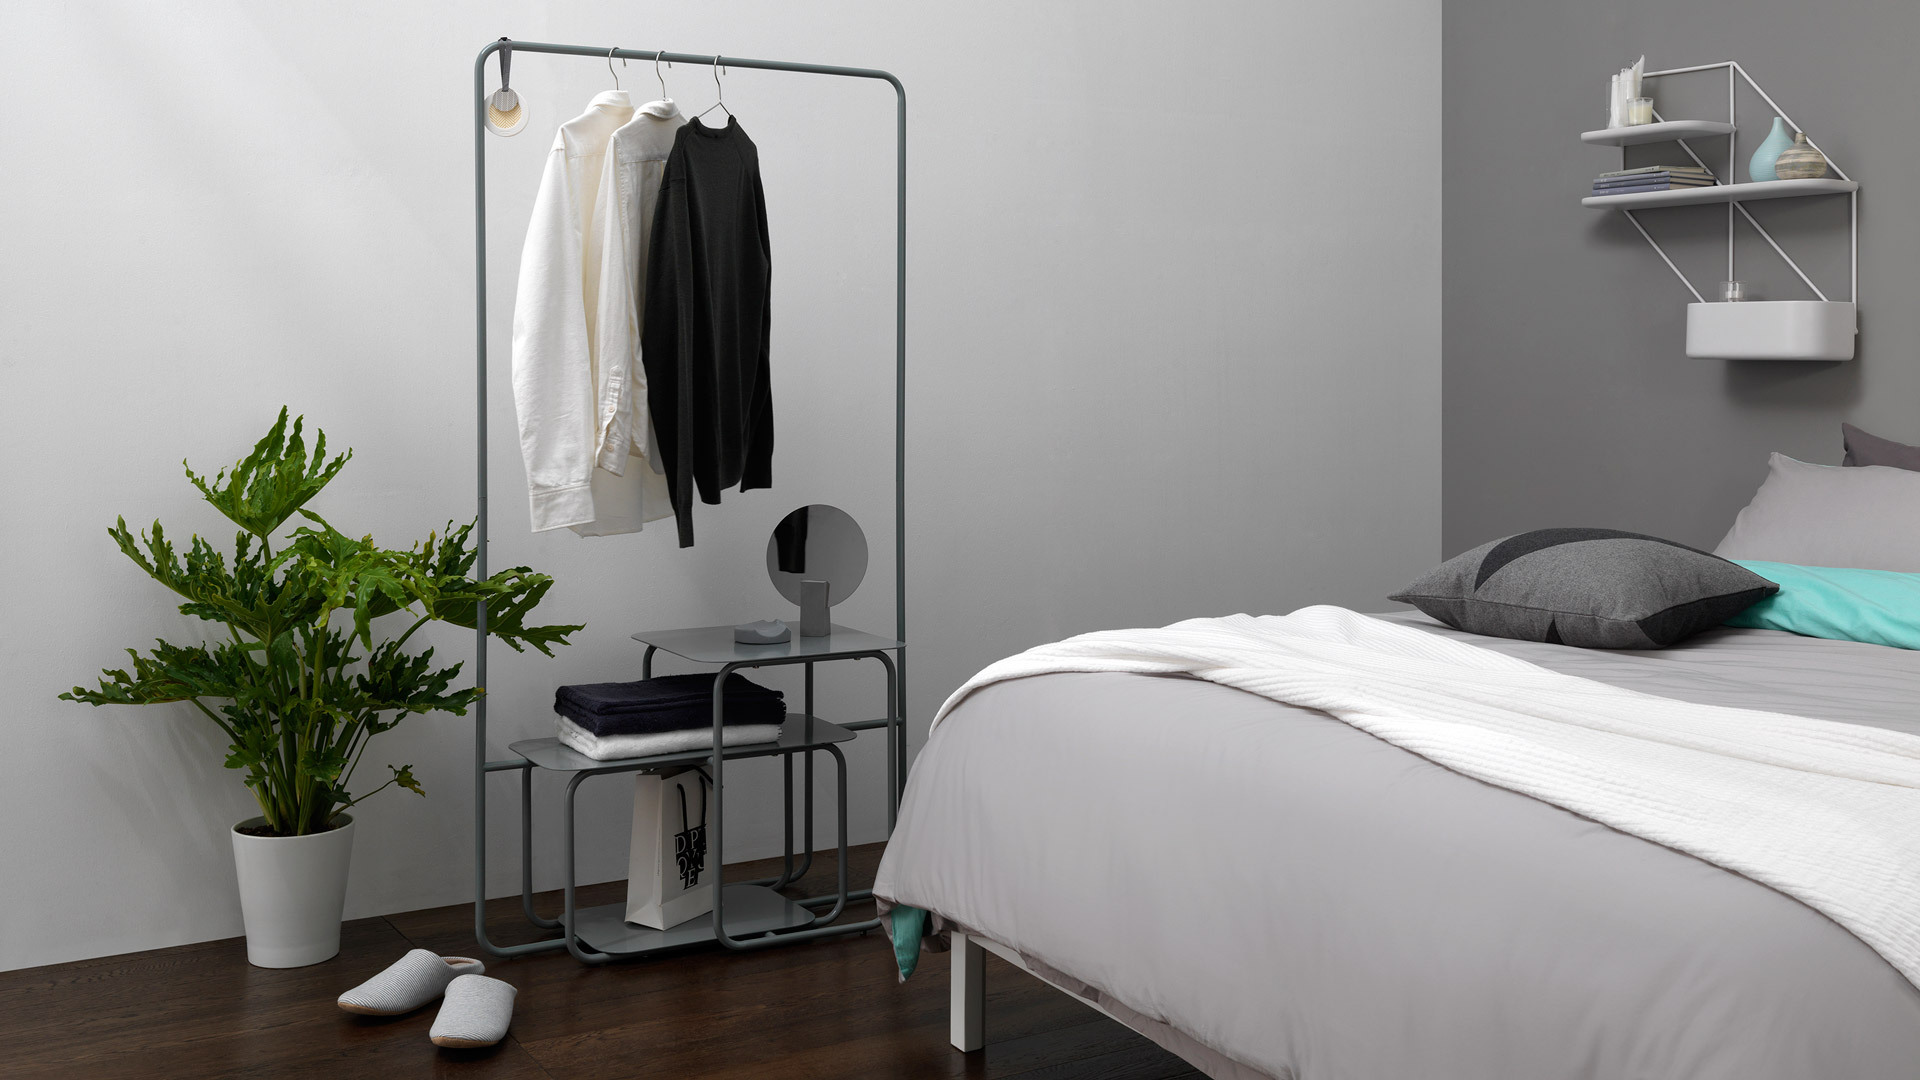 闲置的床侧,让衣帽陈列更有型